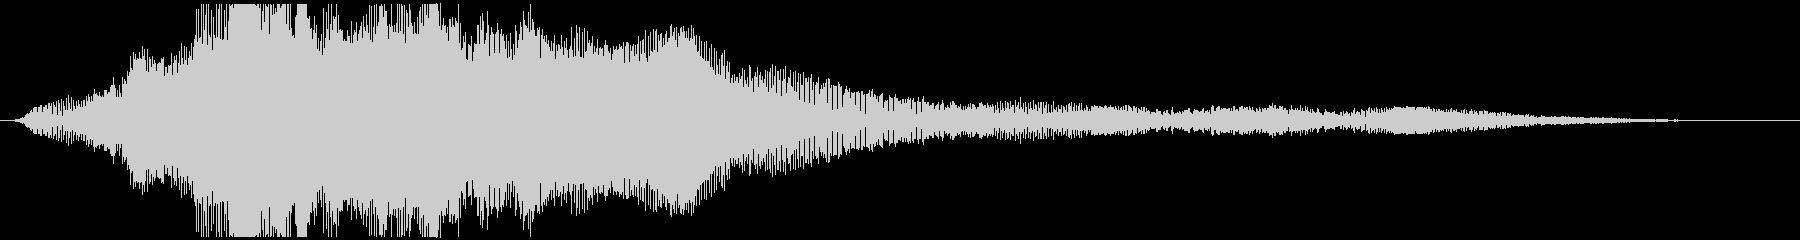 ウイィーーーーン(オープニング・開幕)の未再生の波形